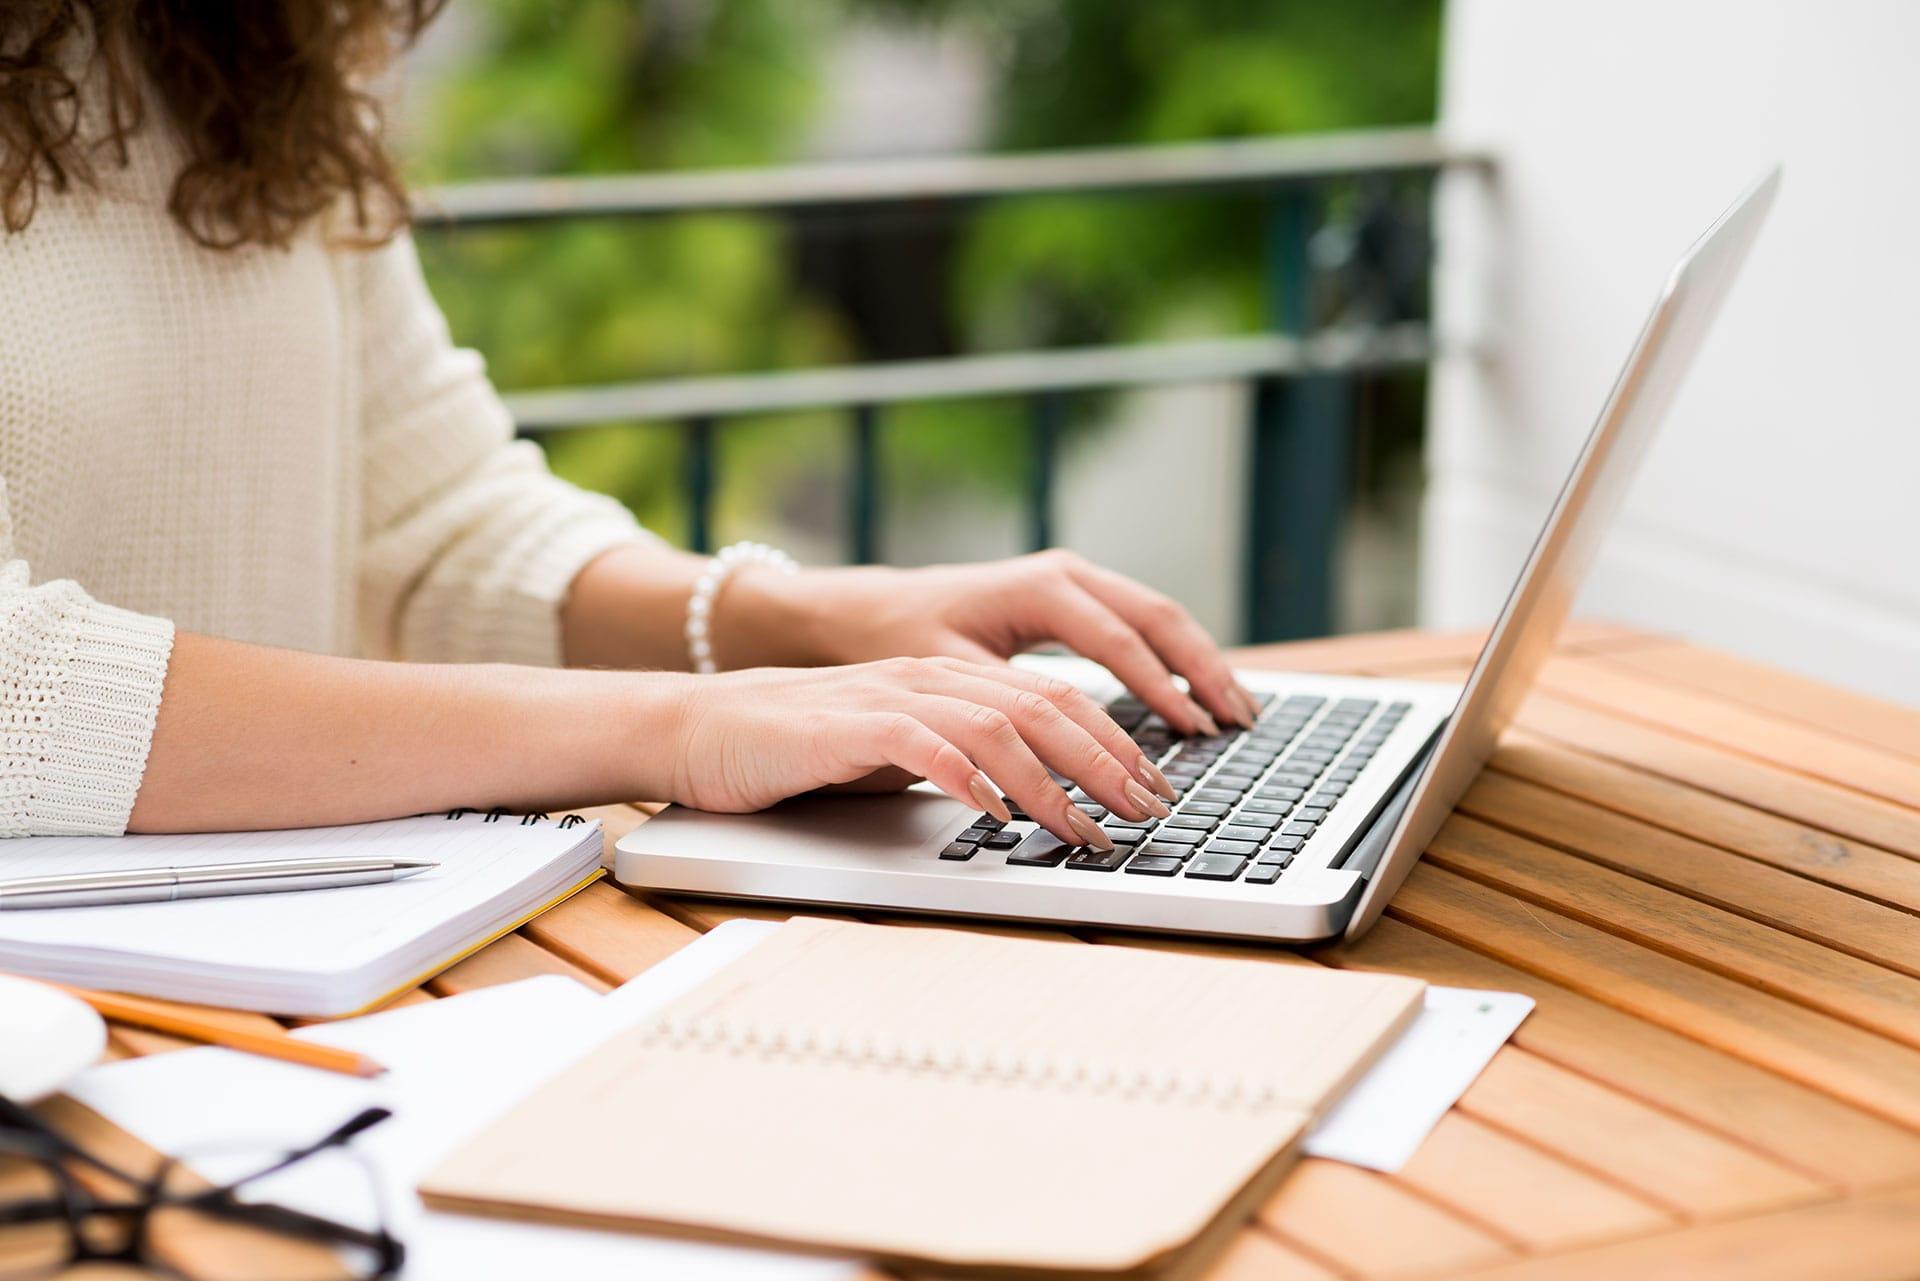 pisanie artykułu eksperckiego